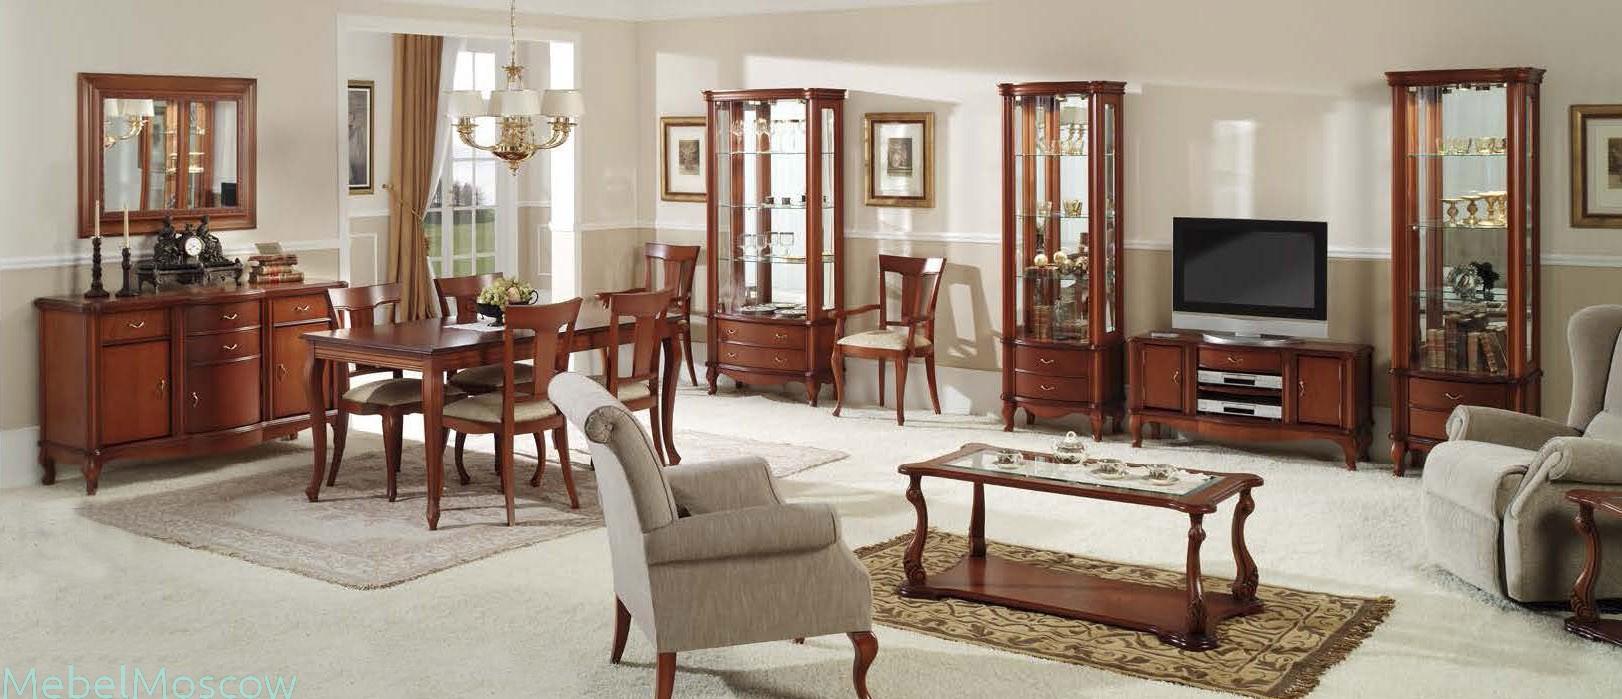 Просторная гостиная с деревянной мебелью